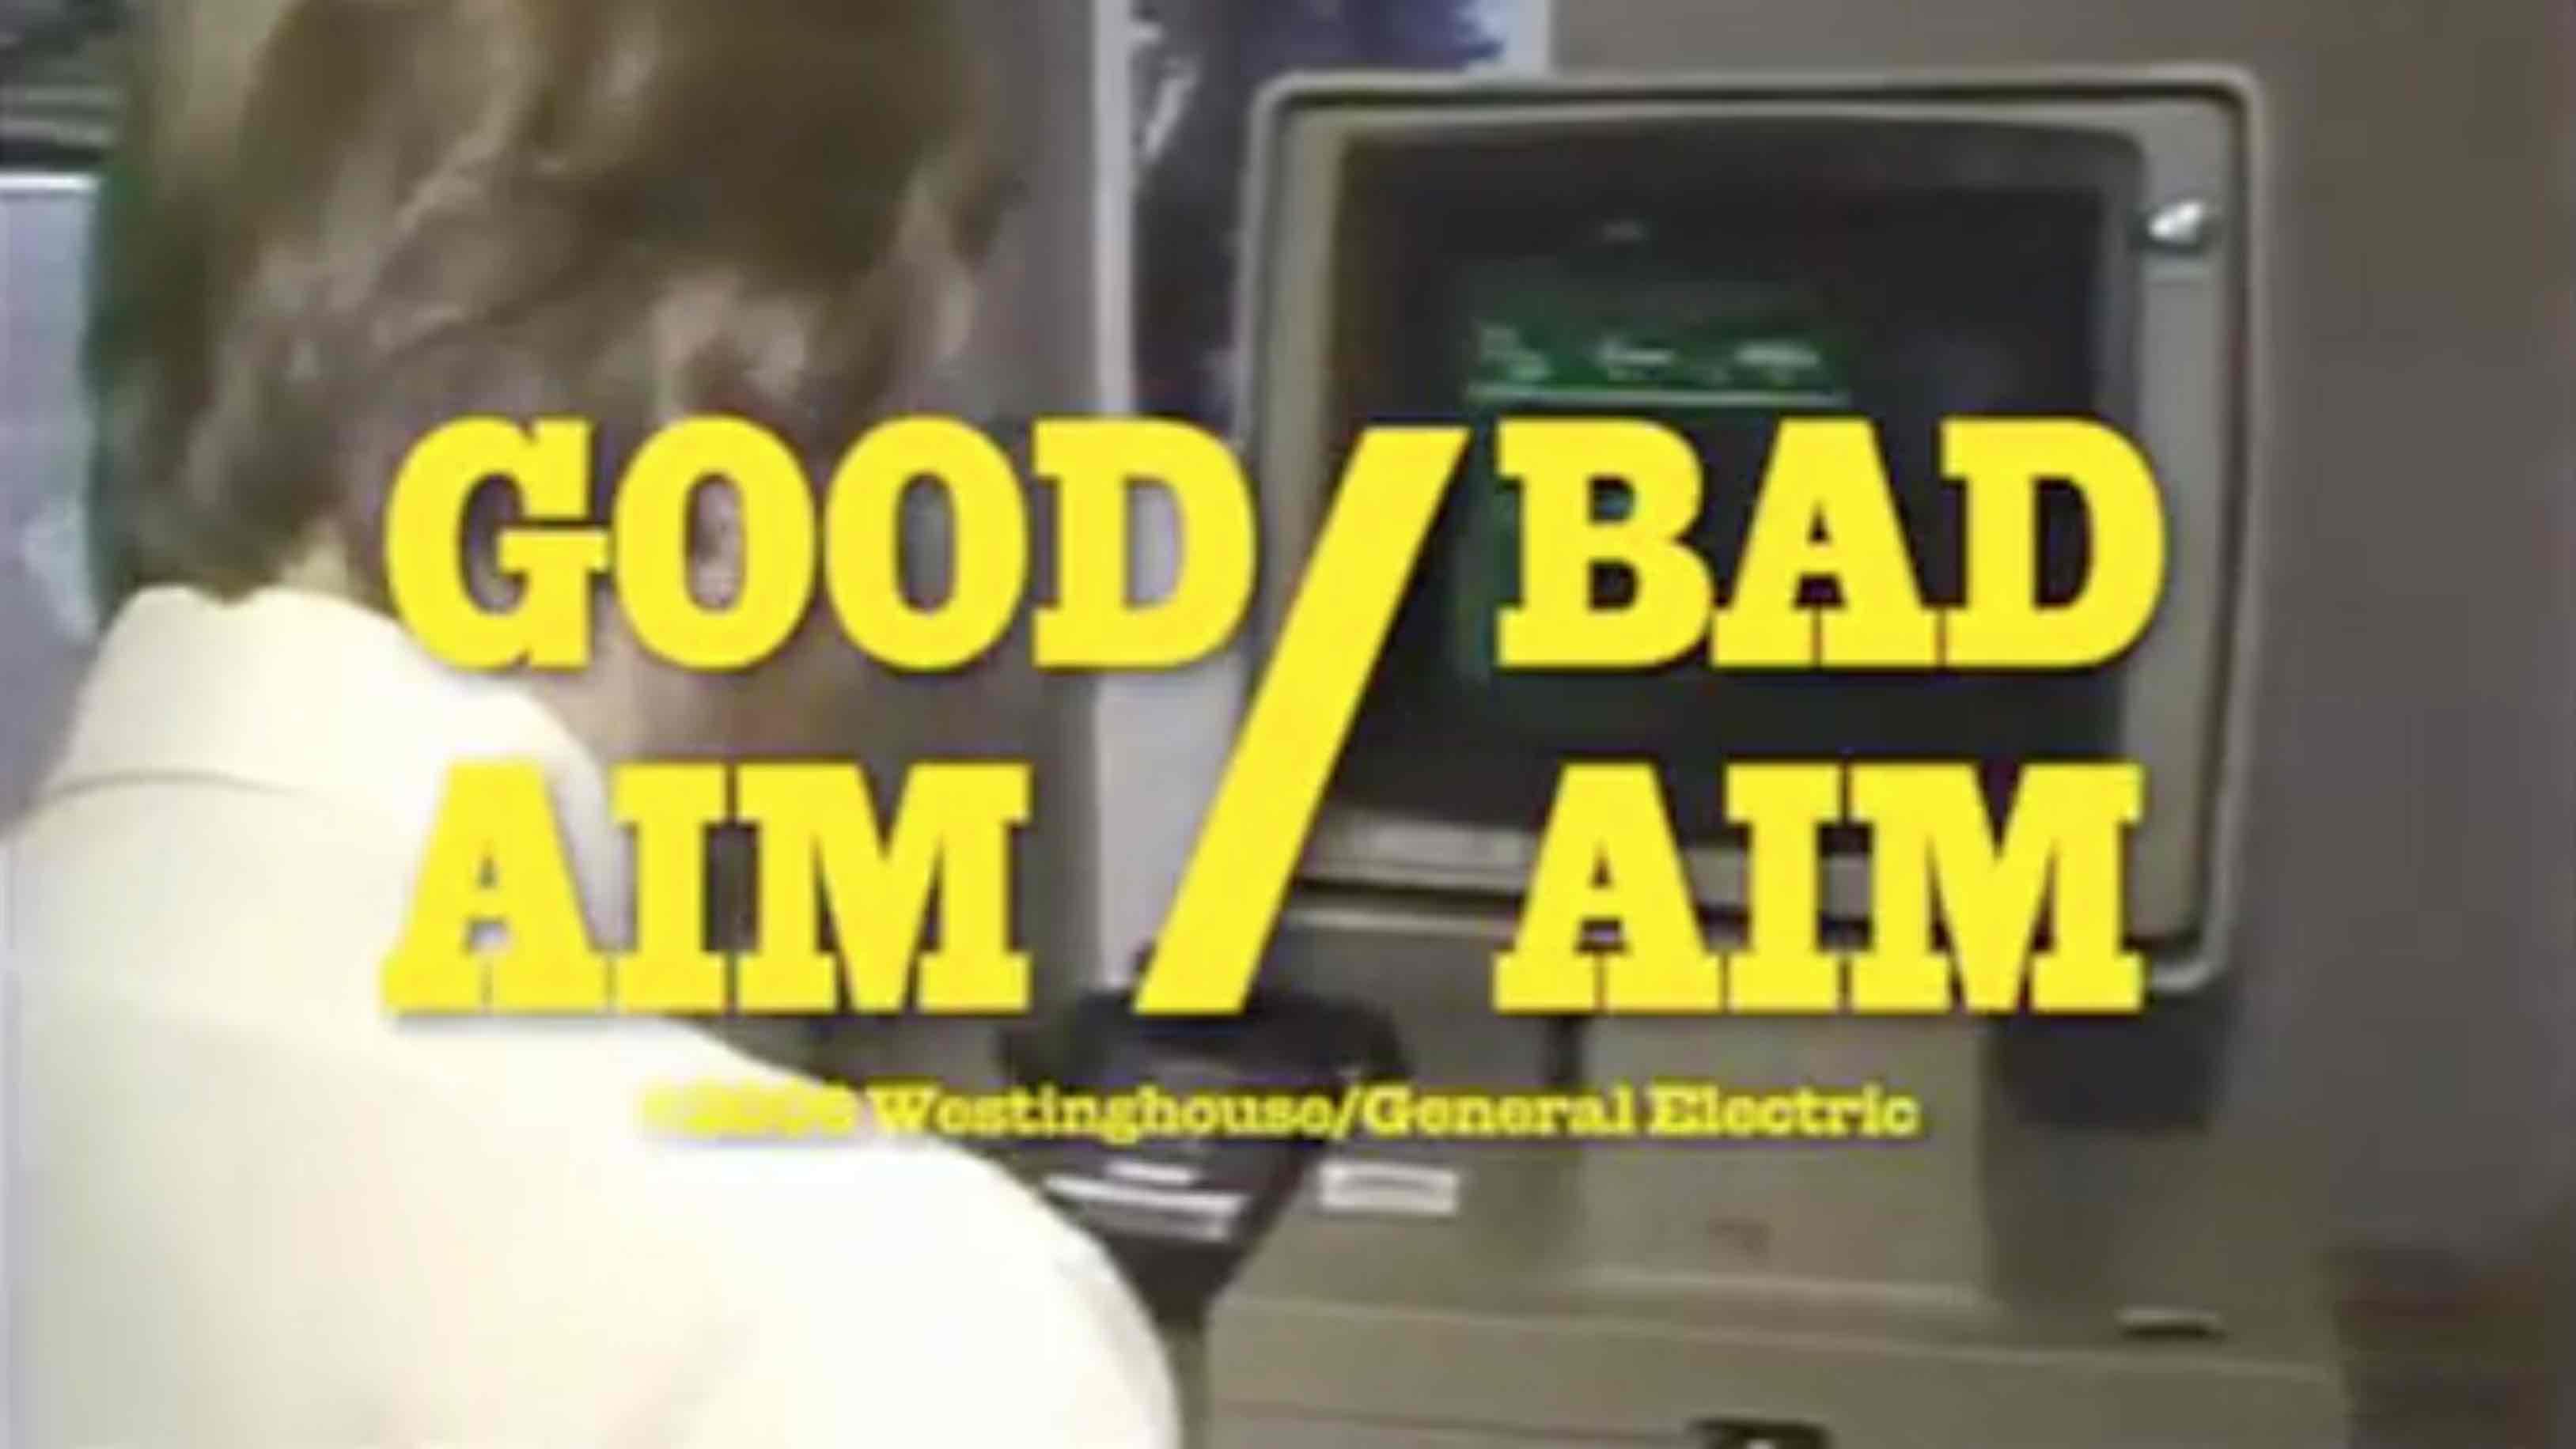 AOL: Good AIM/Bad AIM